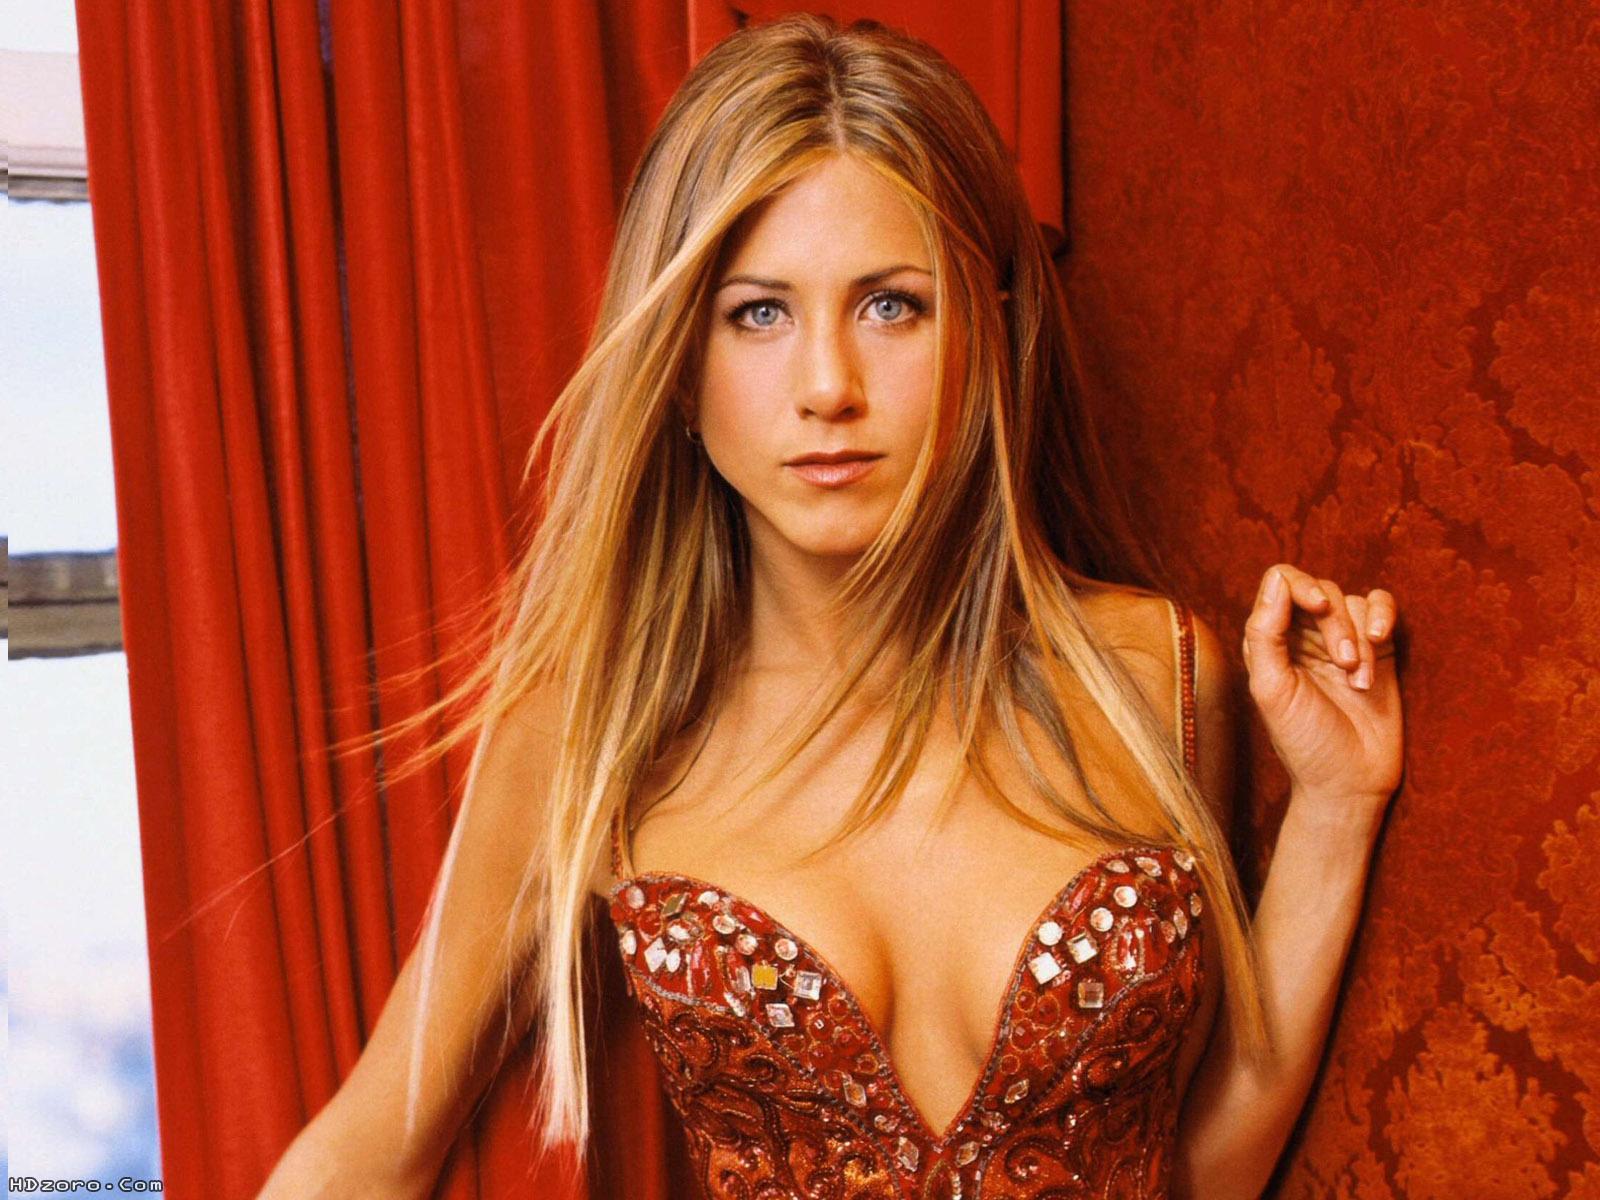 http://2.bp.blogspot.com/-gEnMp_8LdHE/UUlaKI-54VI/AAAAAAAARHQ/s_eZ4Fa5DIA/s1600/Jennifer+Aniston+18.jpg